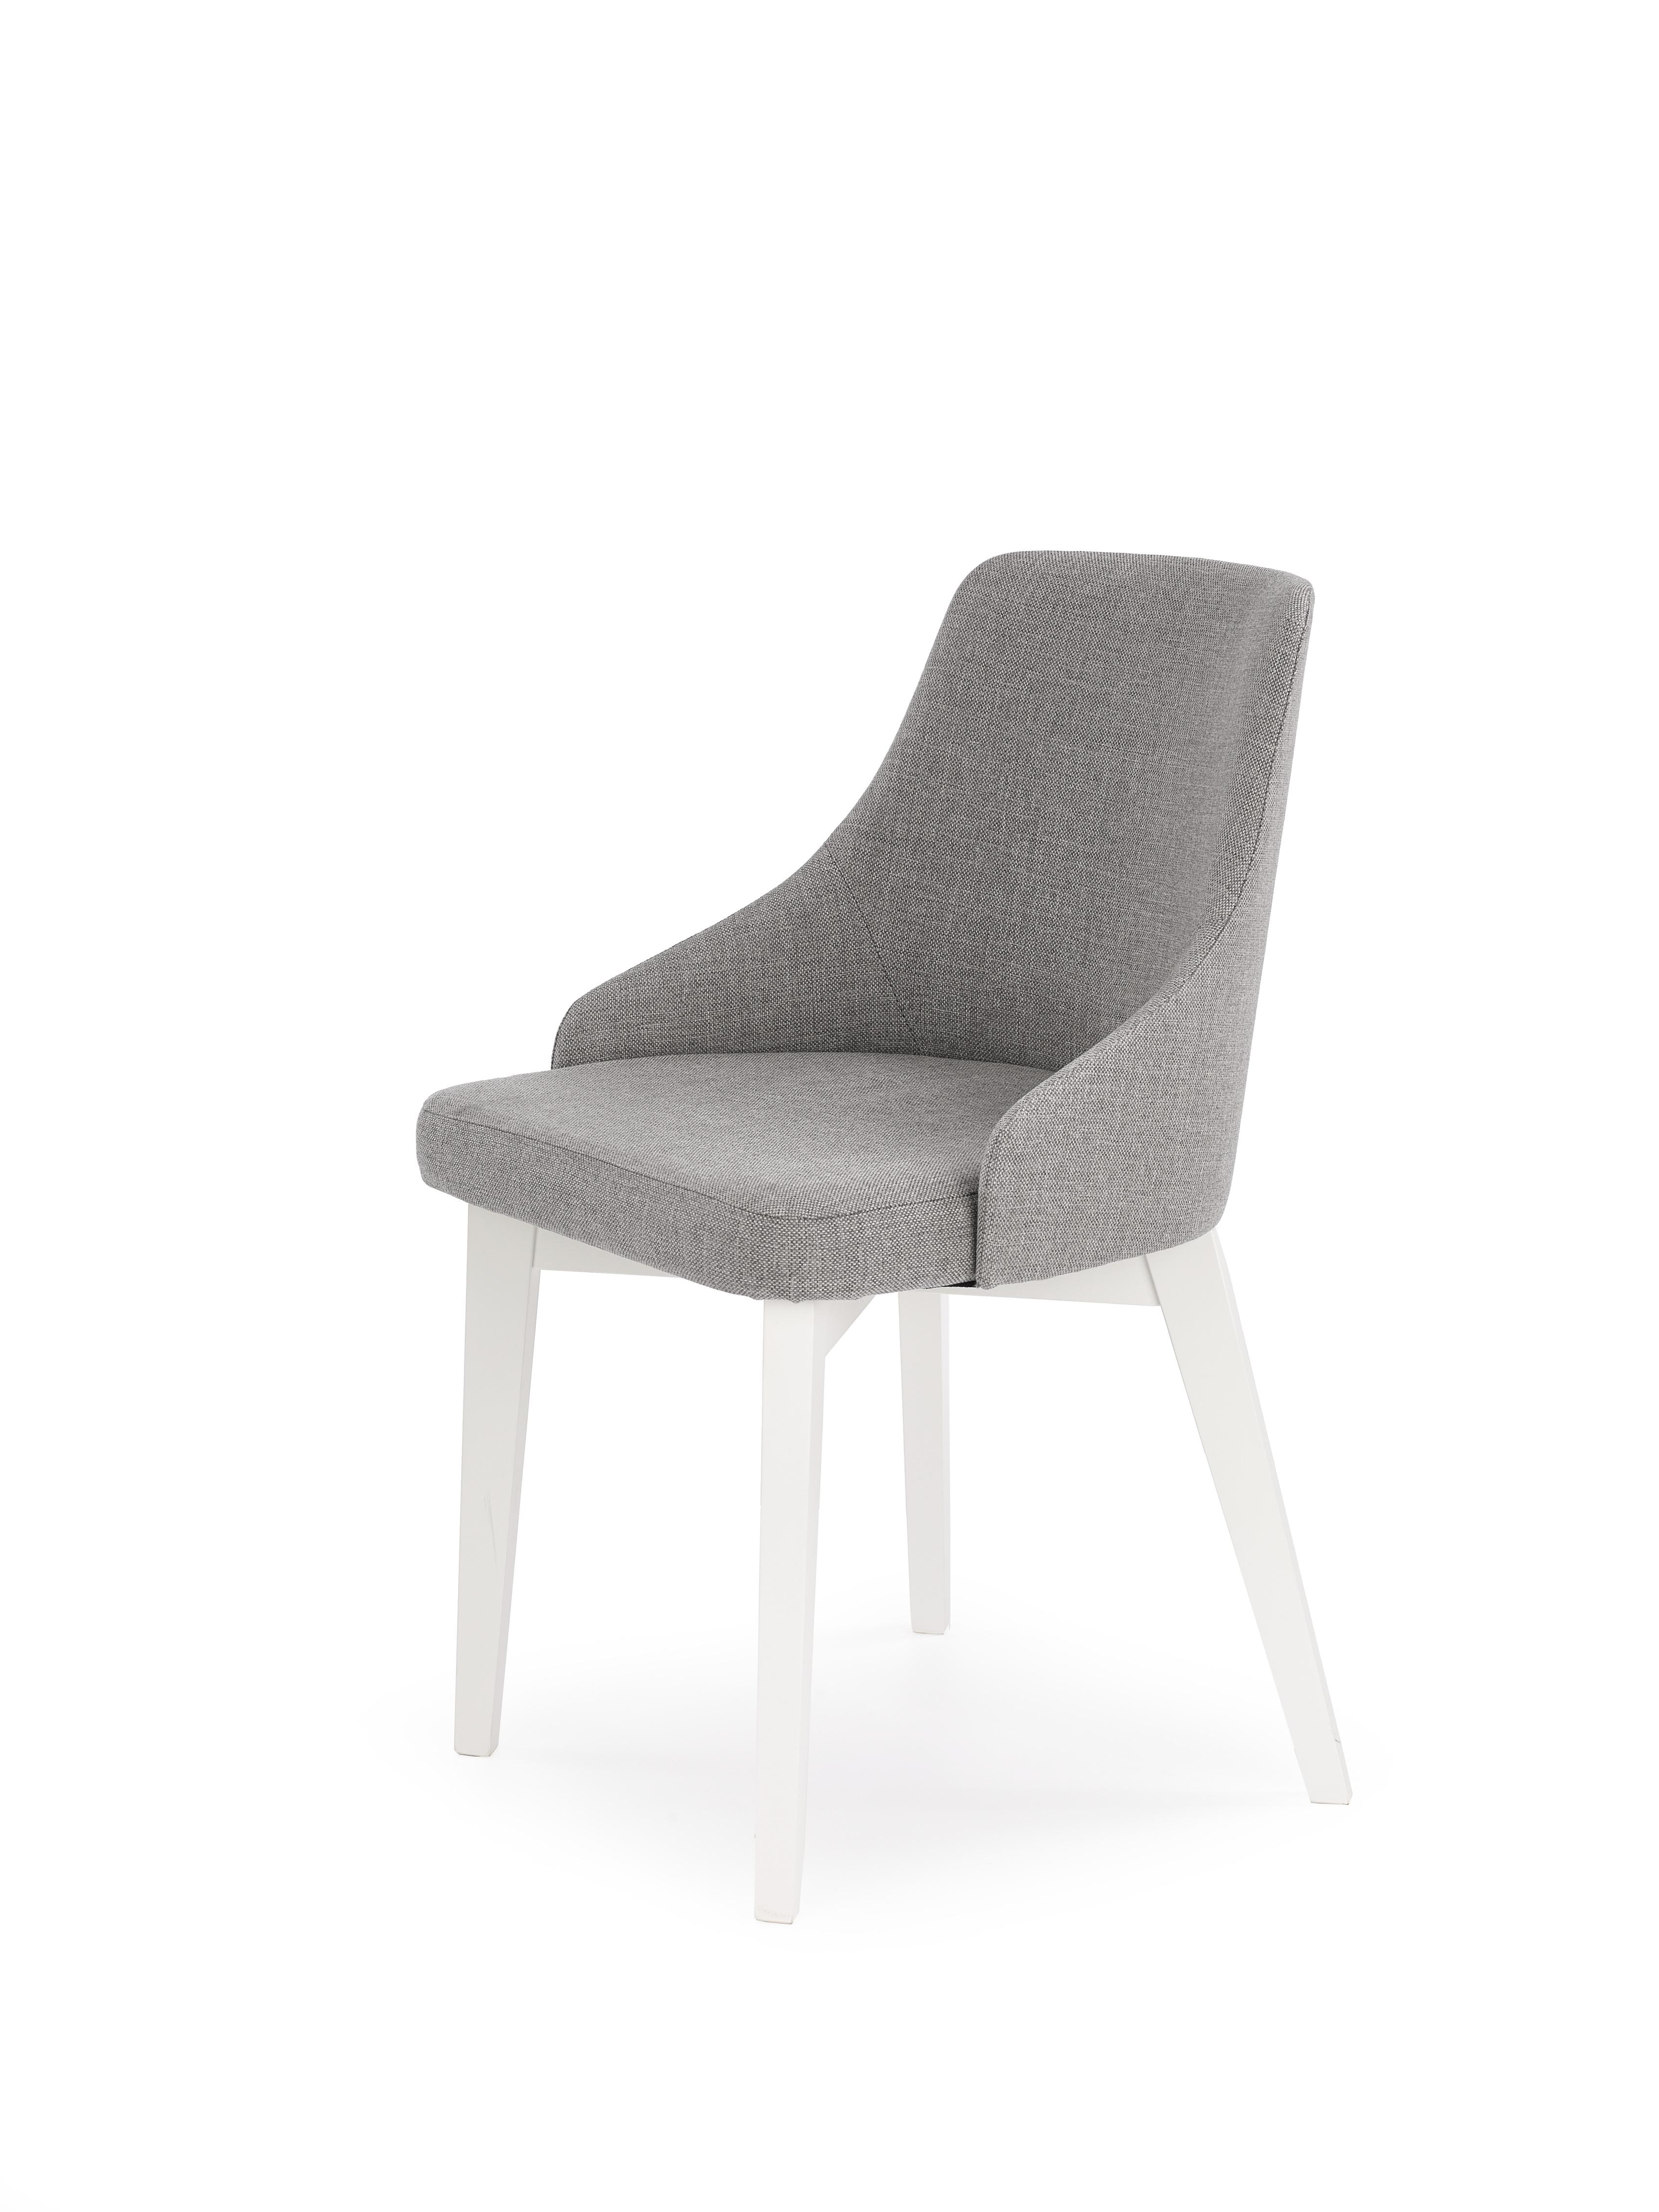 Scaun tapitat cu stofa, cu picioare din lemn de fag Toledo Grey / White, l51xA55xH82 cm poza